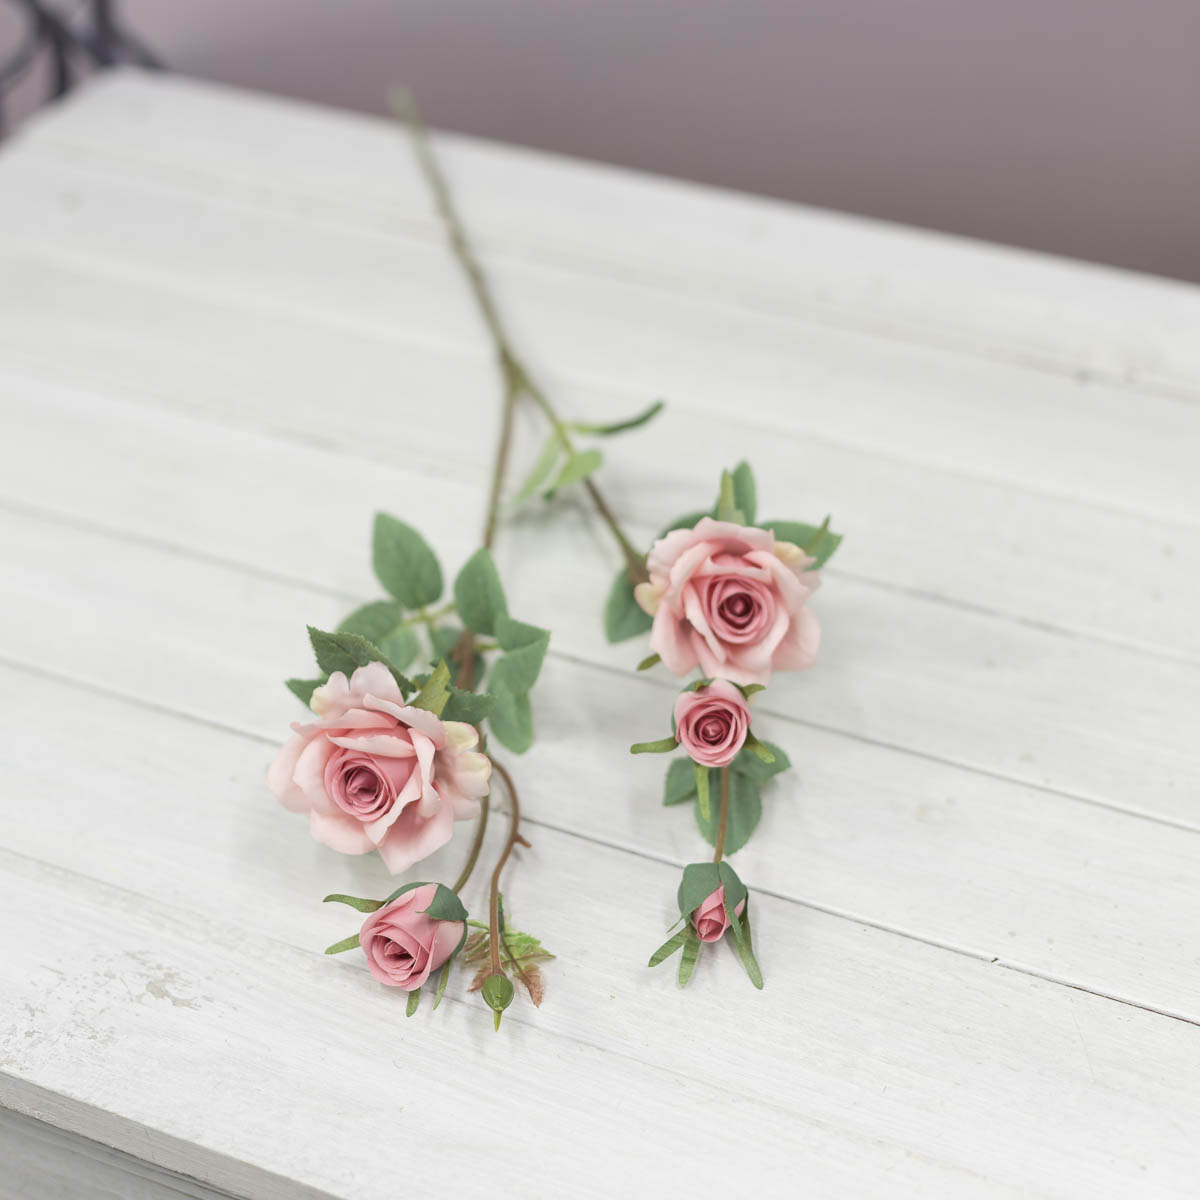 퀸 엘리자베스 장미 꽃 가지 Pink(핑크)